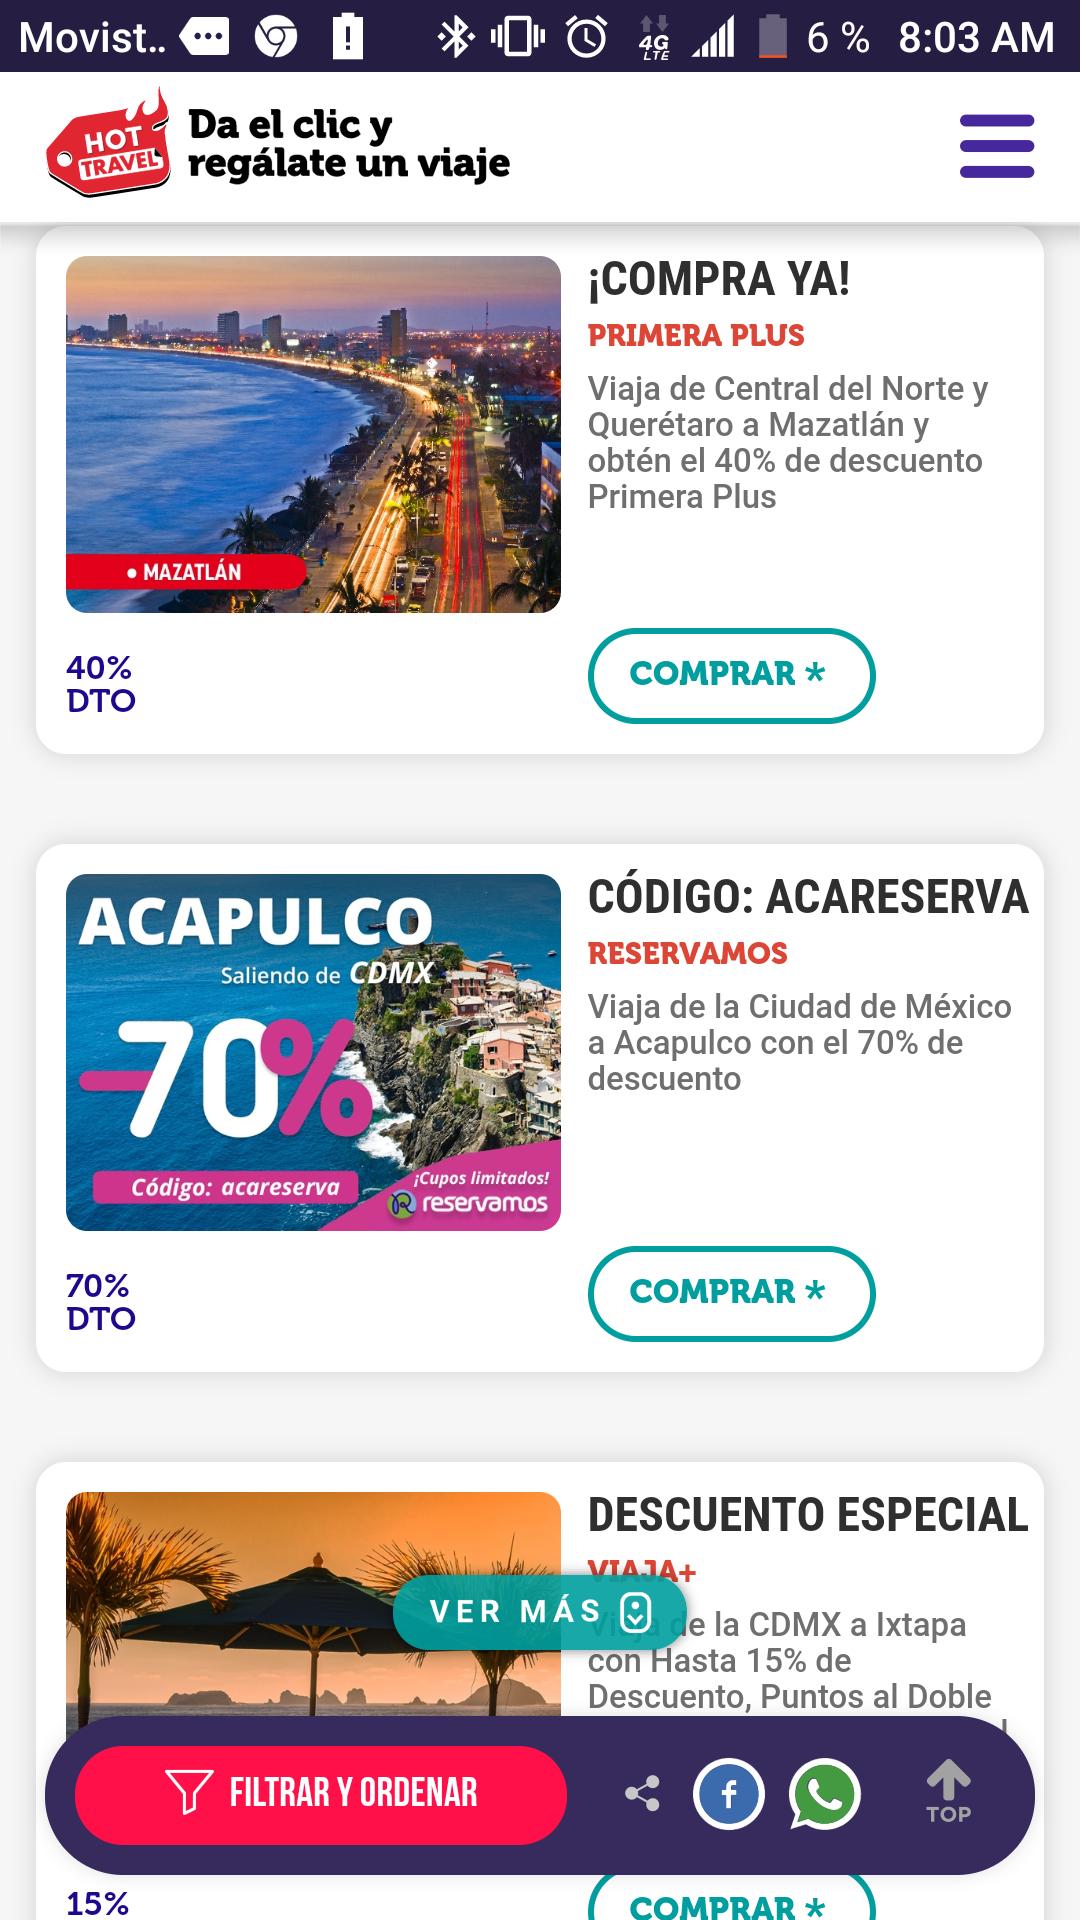 Reservamos: 70% de descuento en traslados de CDMX a Acapulco